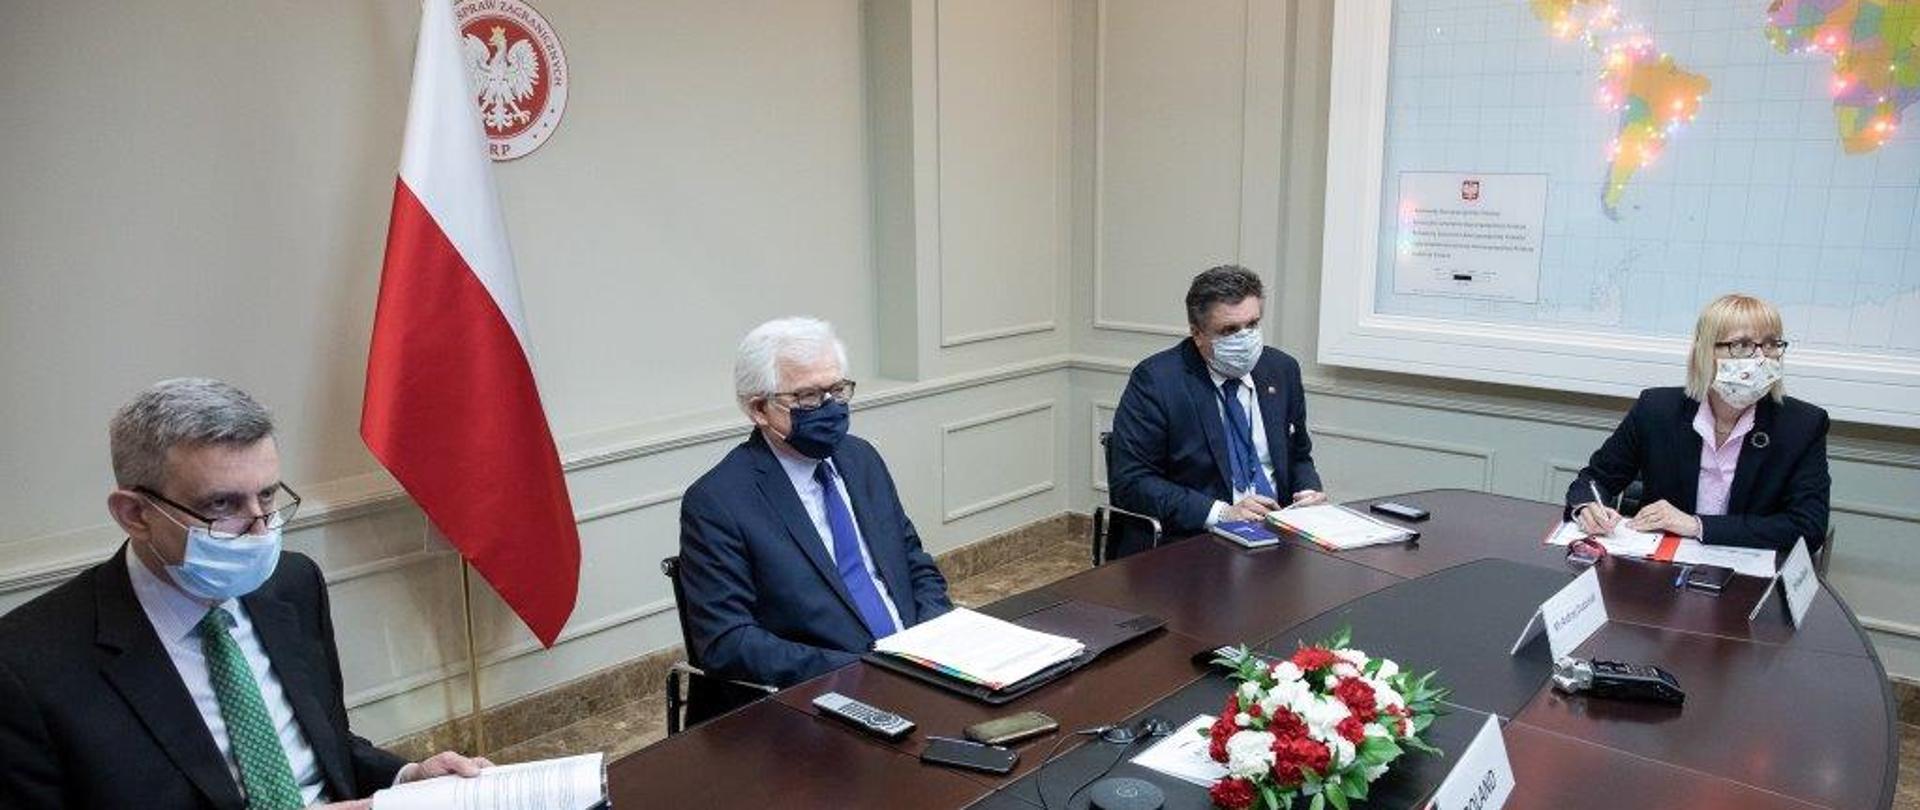 Wideokonferencja ministrów spraw zagranicznych Rady Państw Morza Bałtyckiego